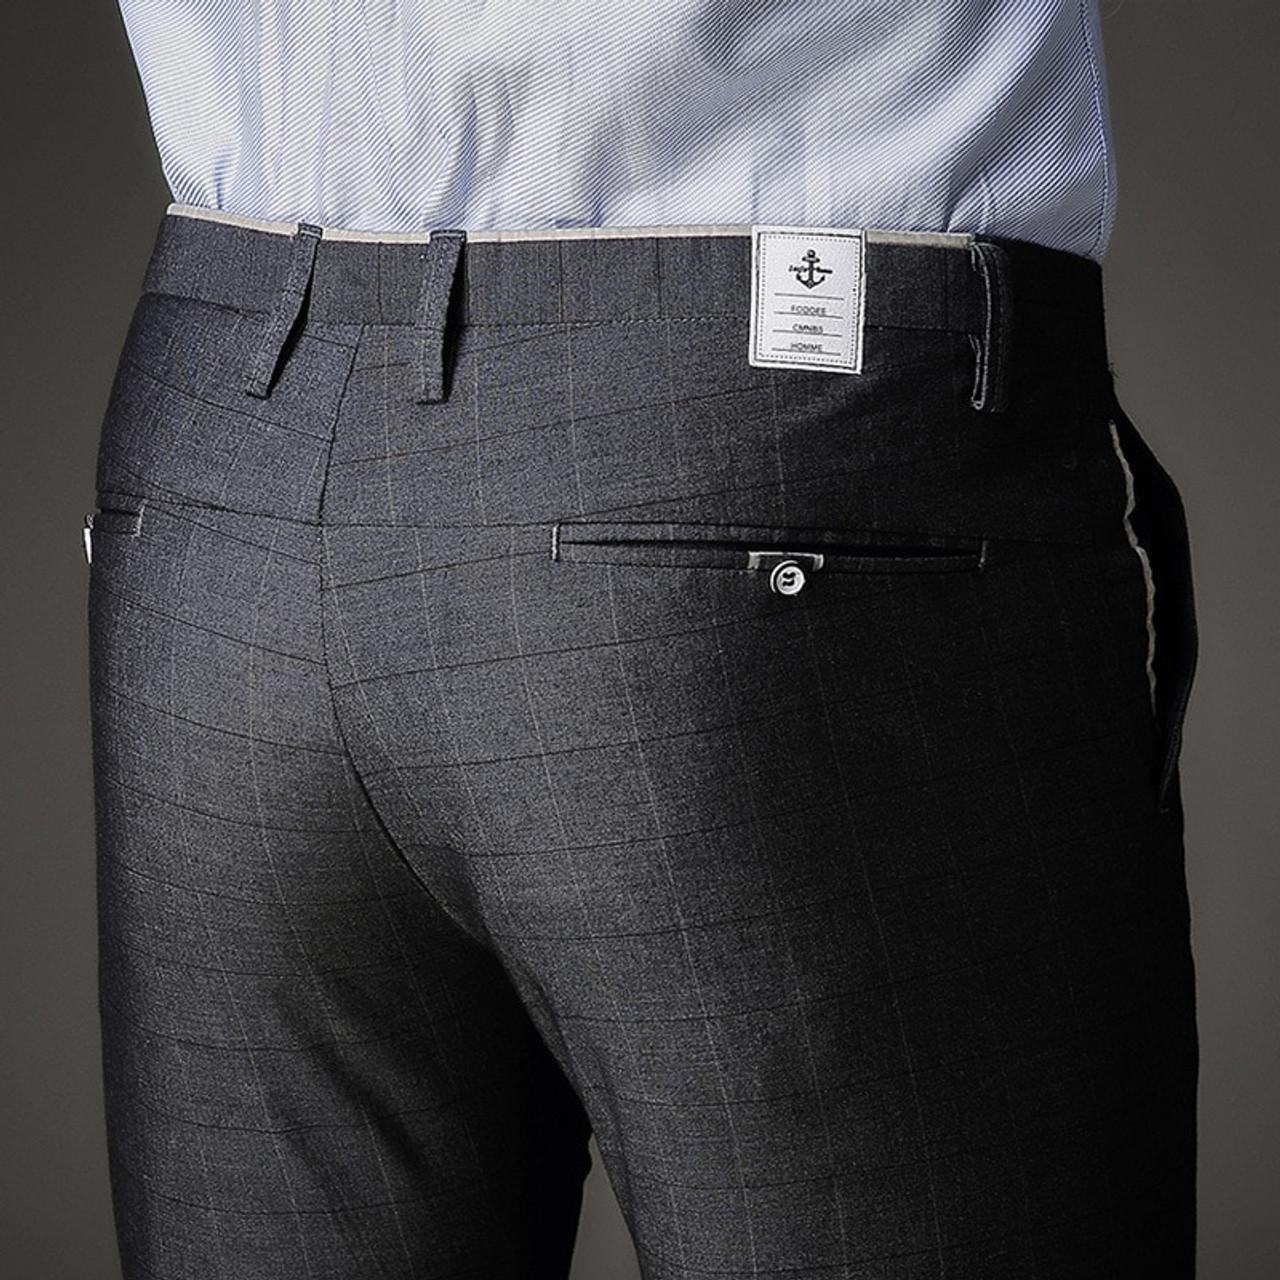 f8182250bd8 ... Fashion Mens Dress Pants Summer Formal Pants Slim Fit Suit Plaid Pants  Business Casual Plus Size ...